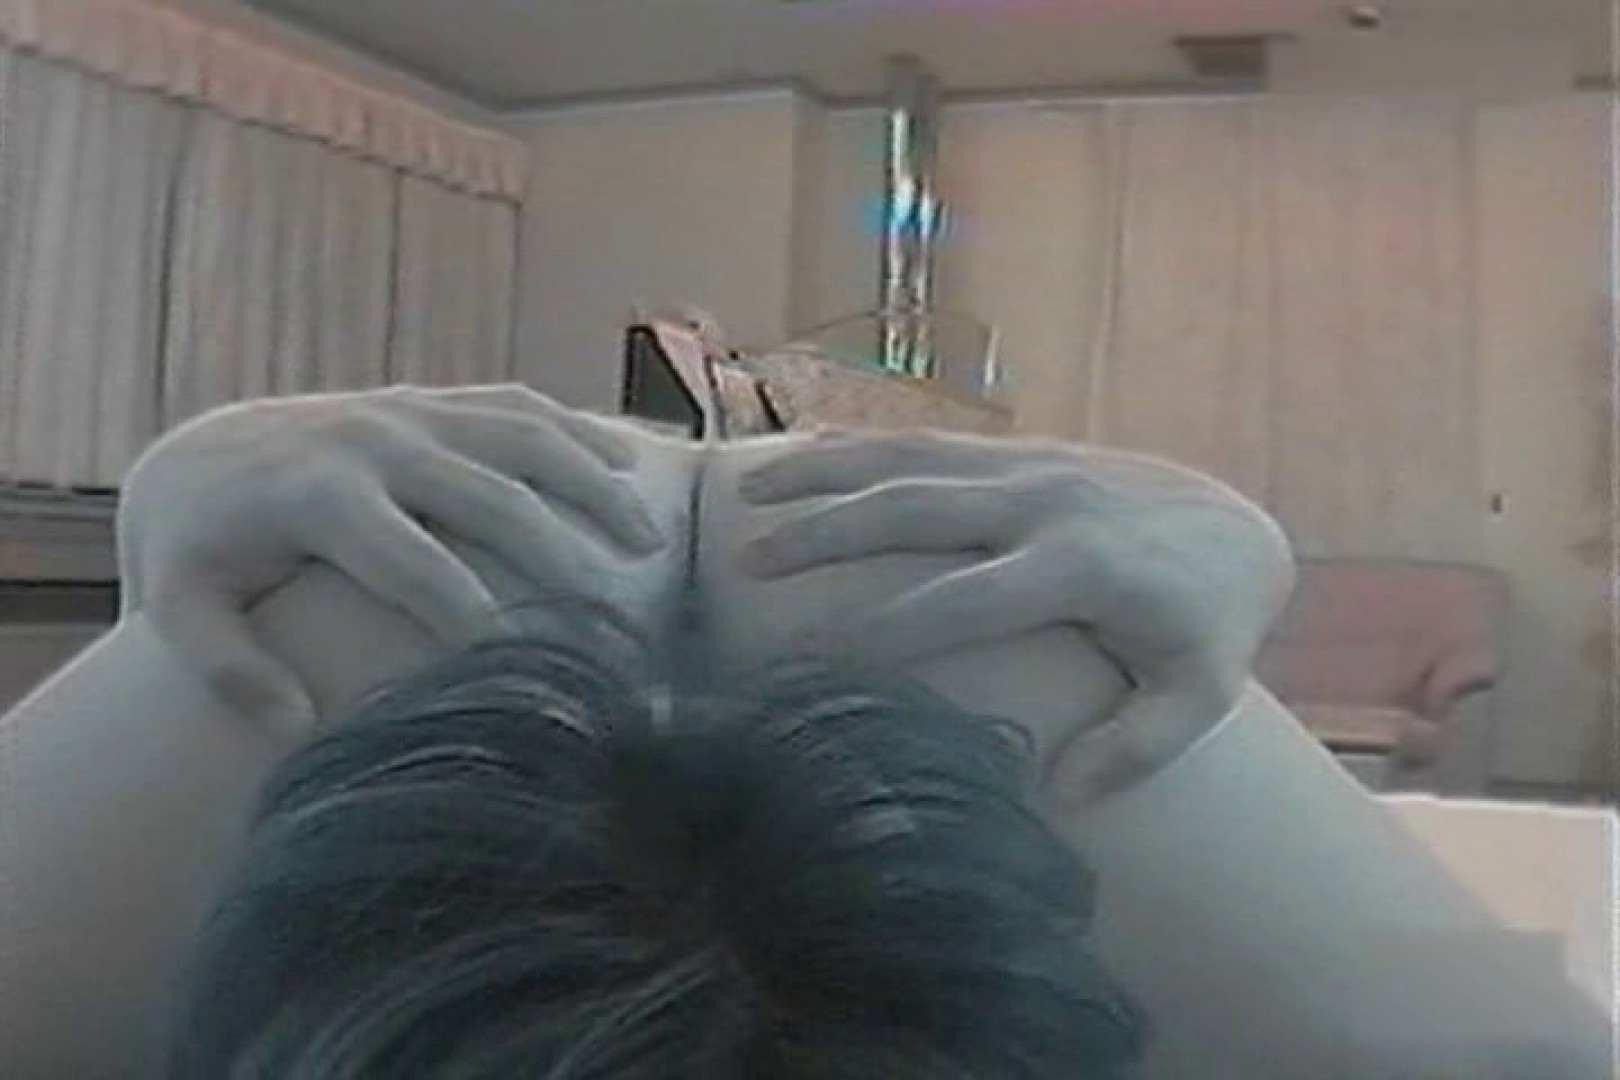 素人嬢をホテルに連れ込みアンナ事・コンナ事!?Vol.10 素人  98連発 10